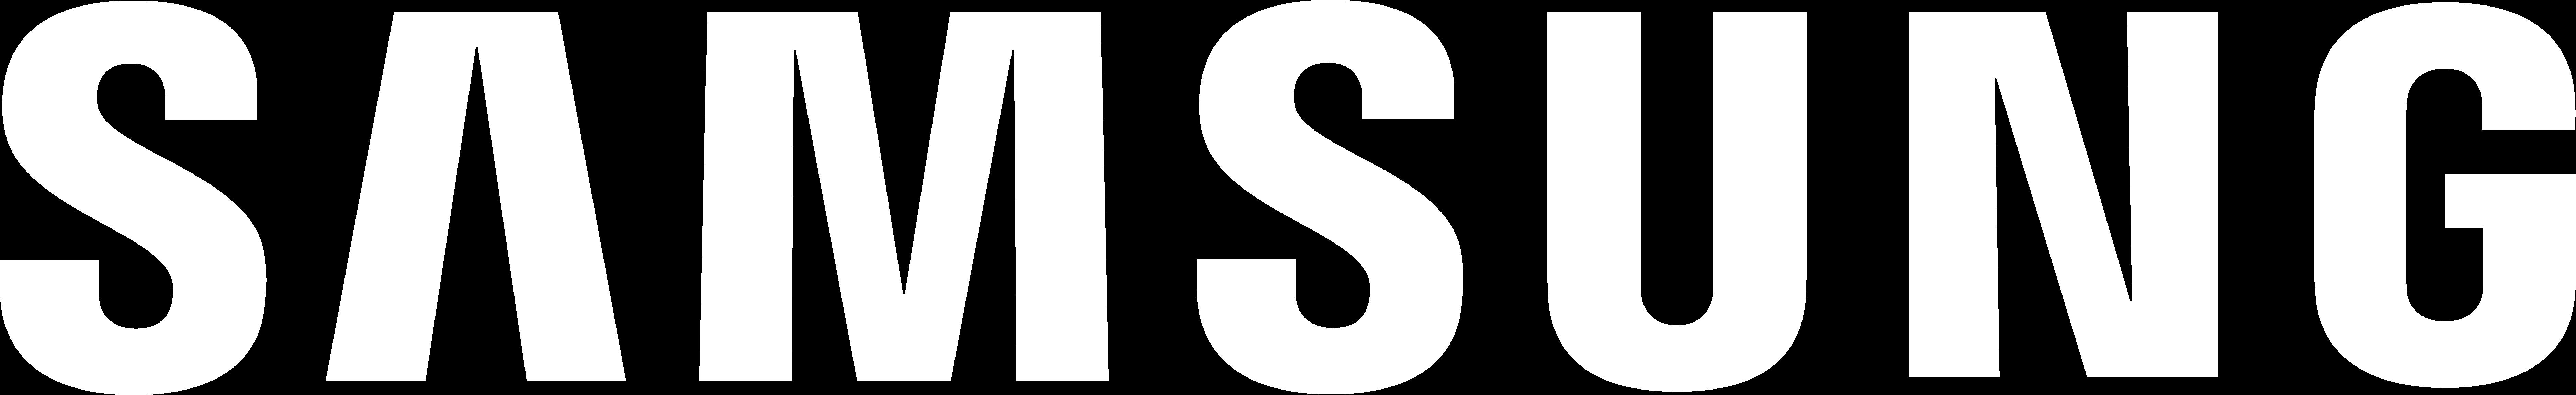 Samsung-white-trans